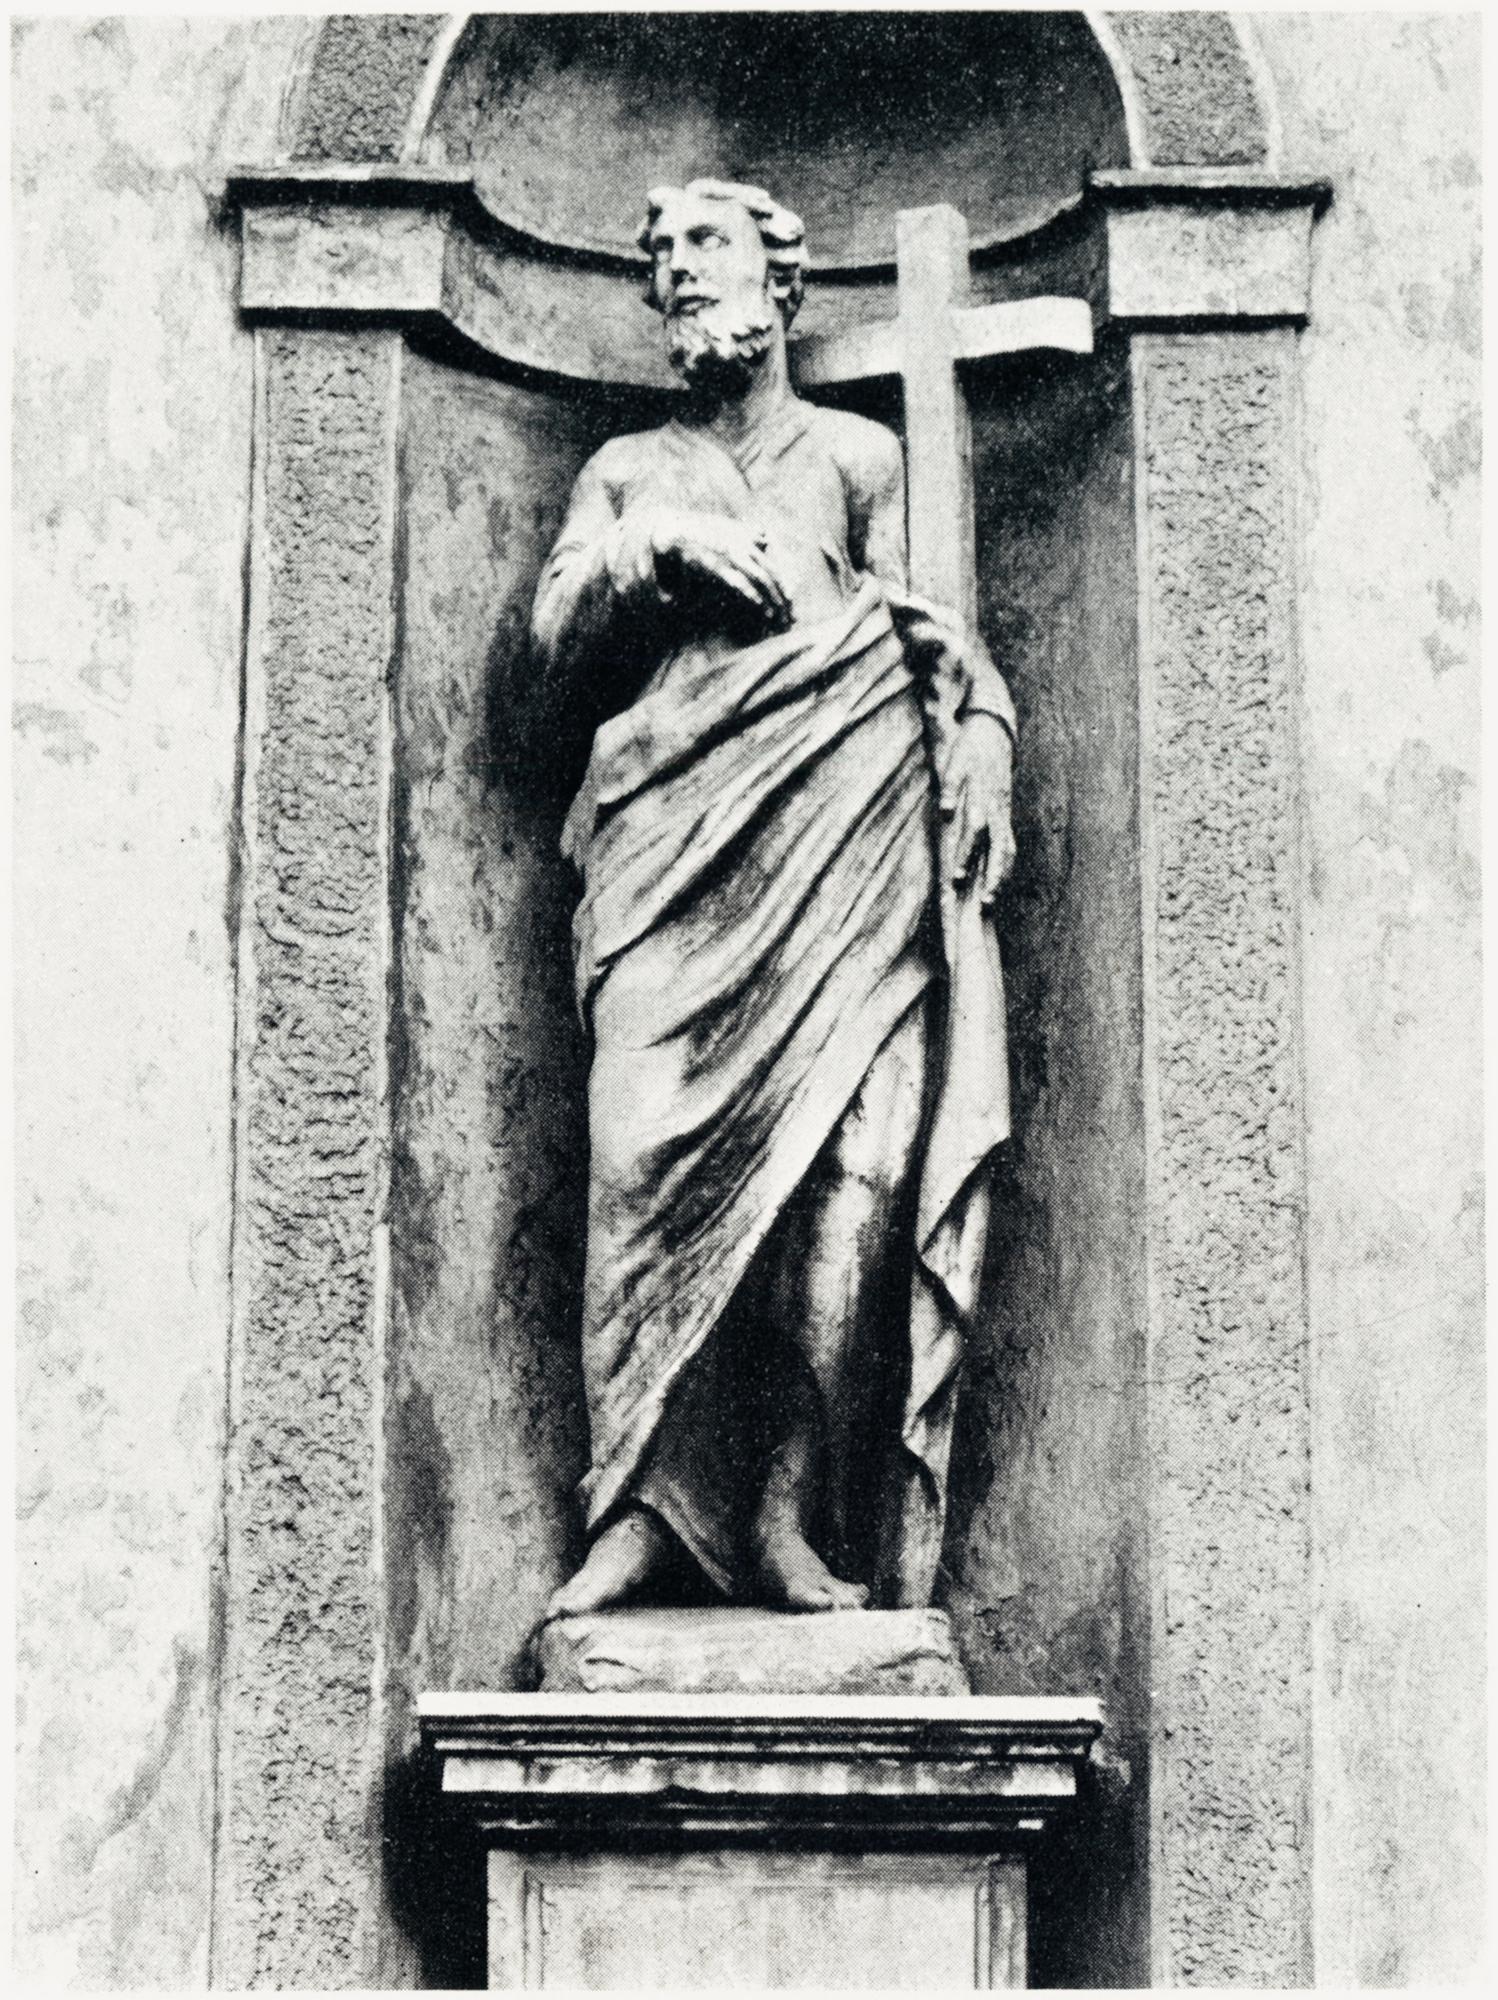 S. Andrea, facciata vecchia chiesa di S. Giacomo, Battaglia Terme.